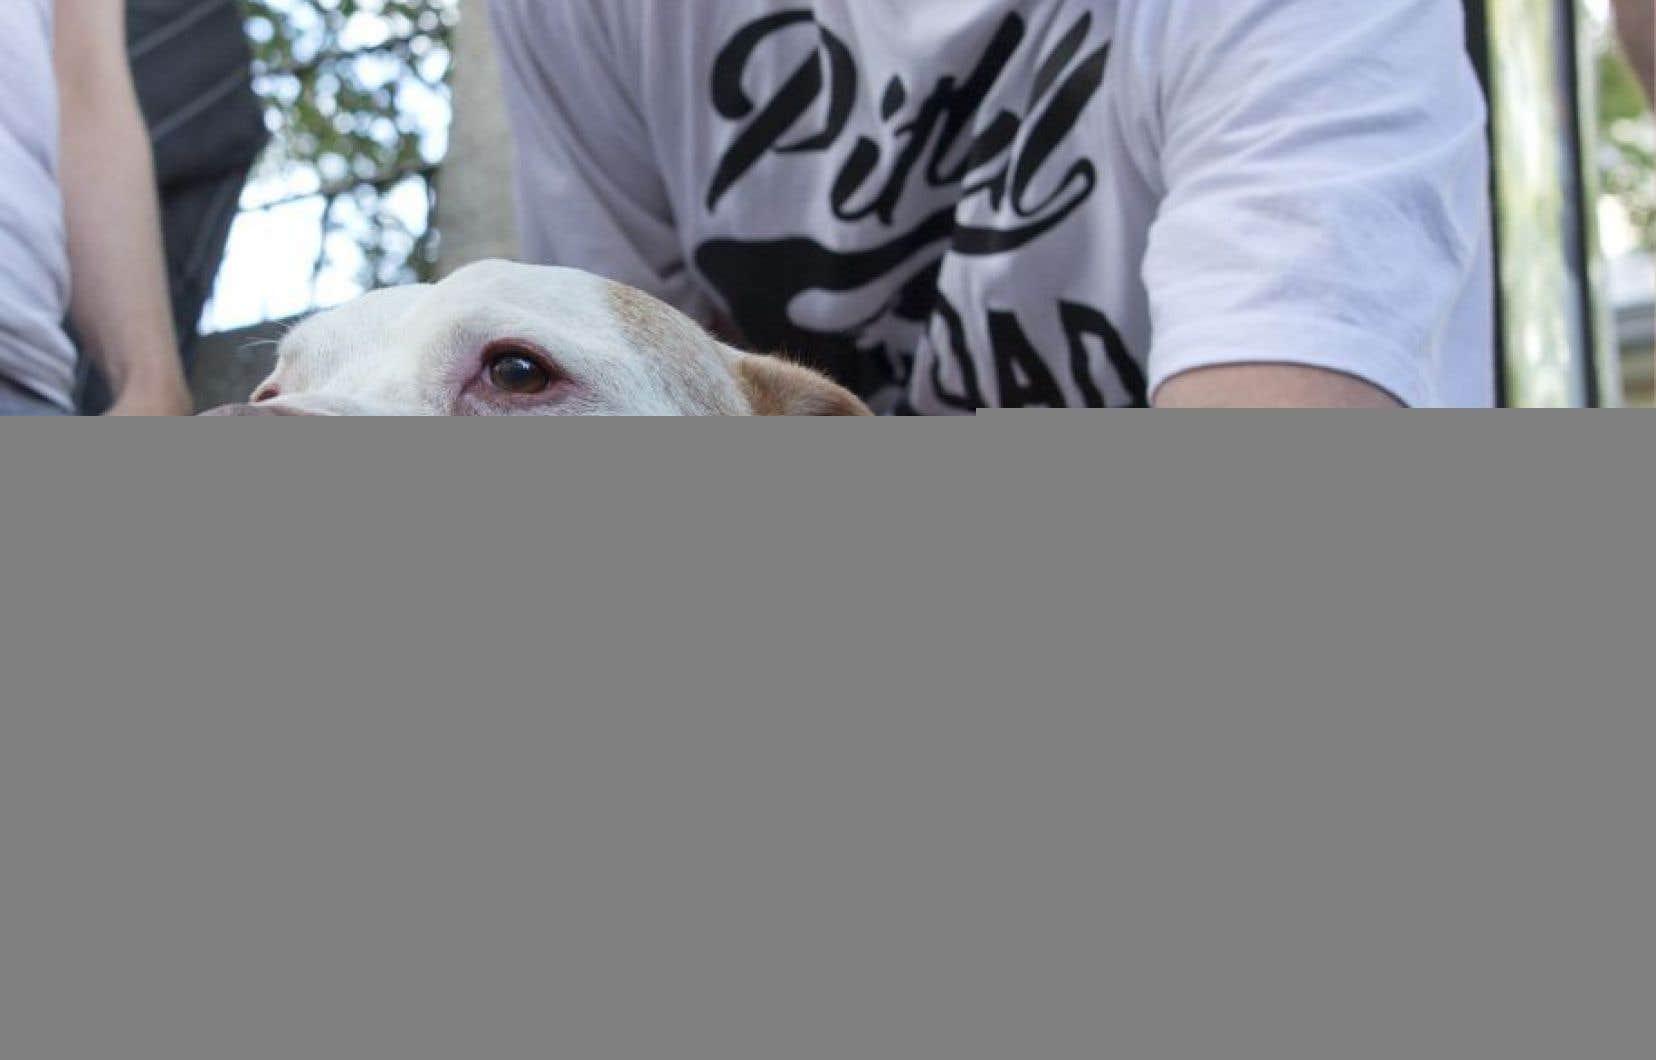 Selon le maire de Montréal, Denis Coderre, il faut agir en amont pour protéger les citoyens contre les chiens dangereux.